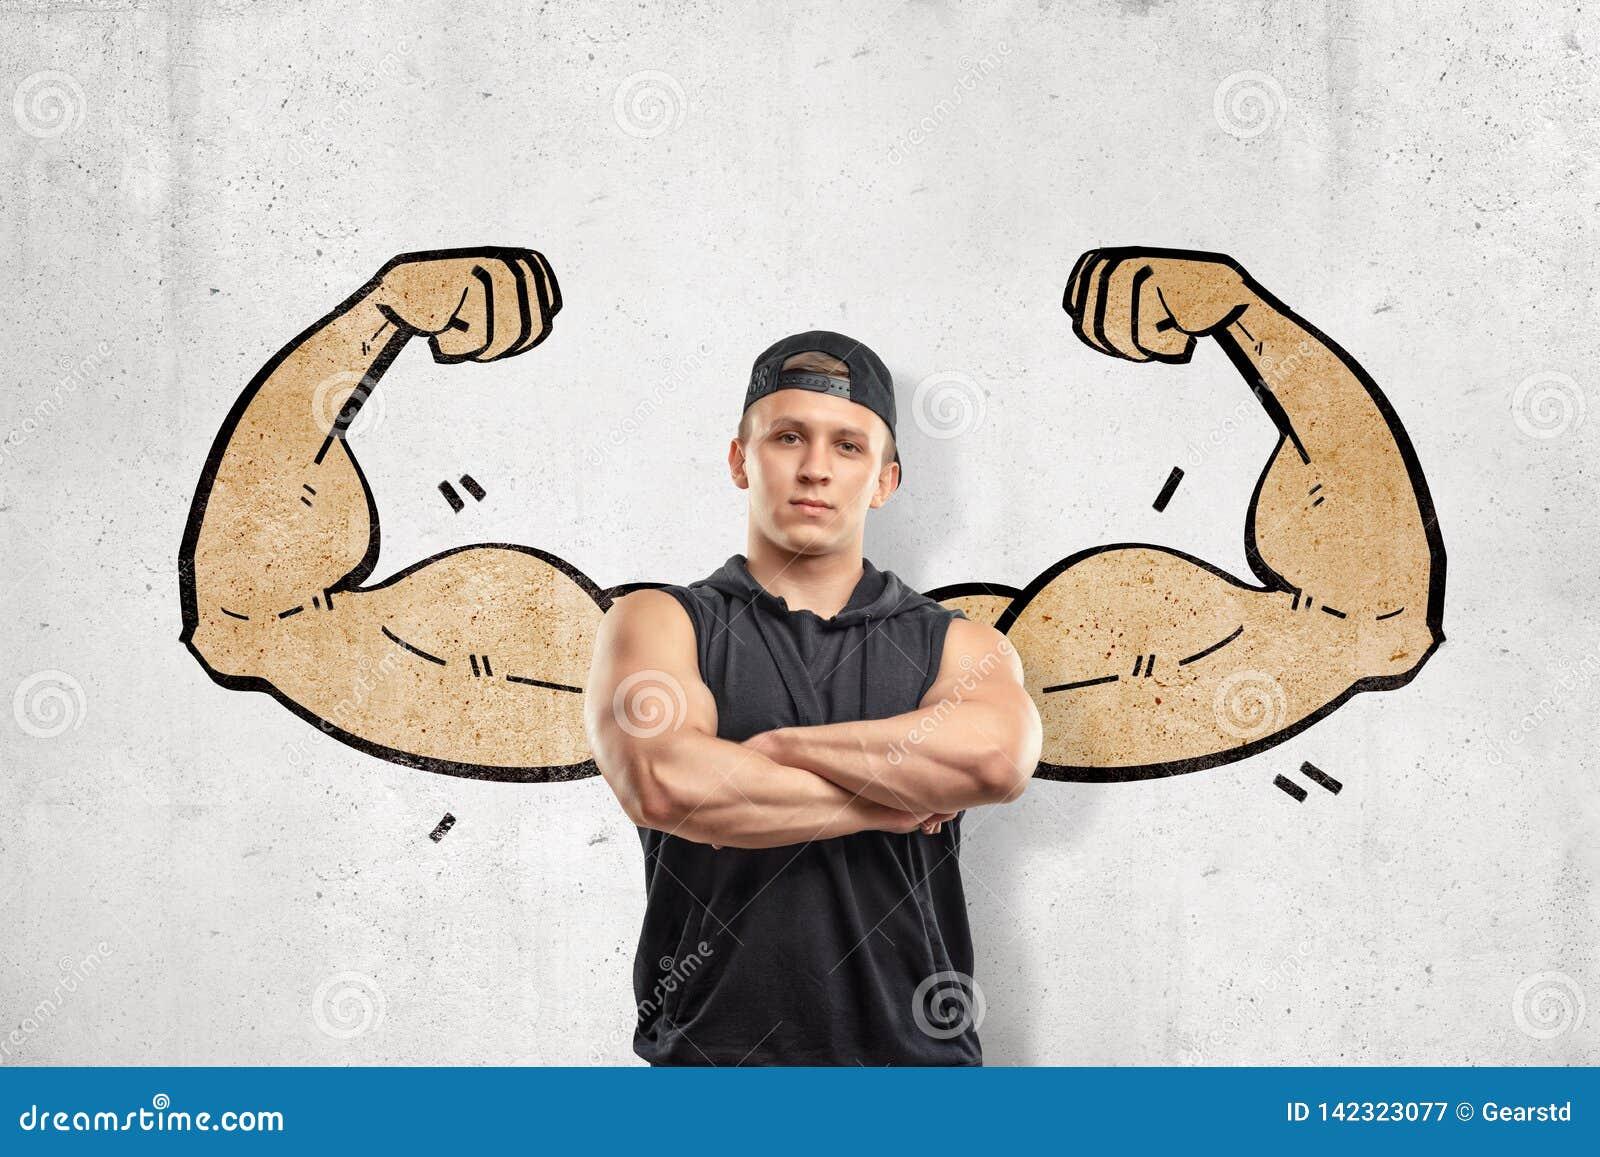 Nahe ehrliche Ansicht des jungen athletischen Mannes mit den Armen kreuzte und stand gegen Wand mit Zeichnung von großen muskulös